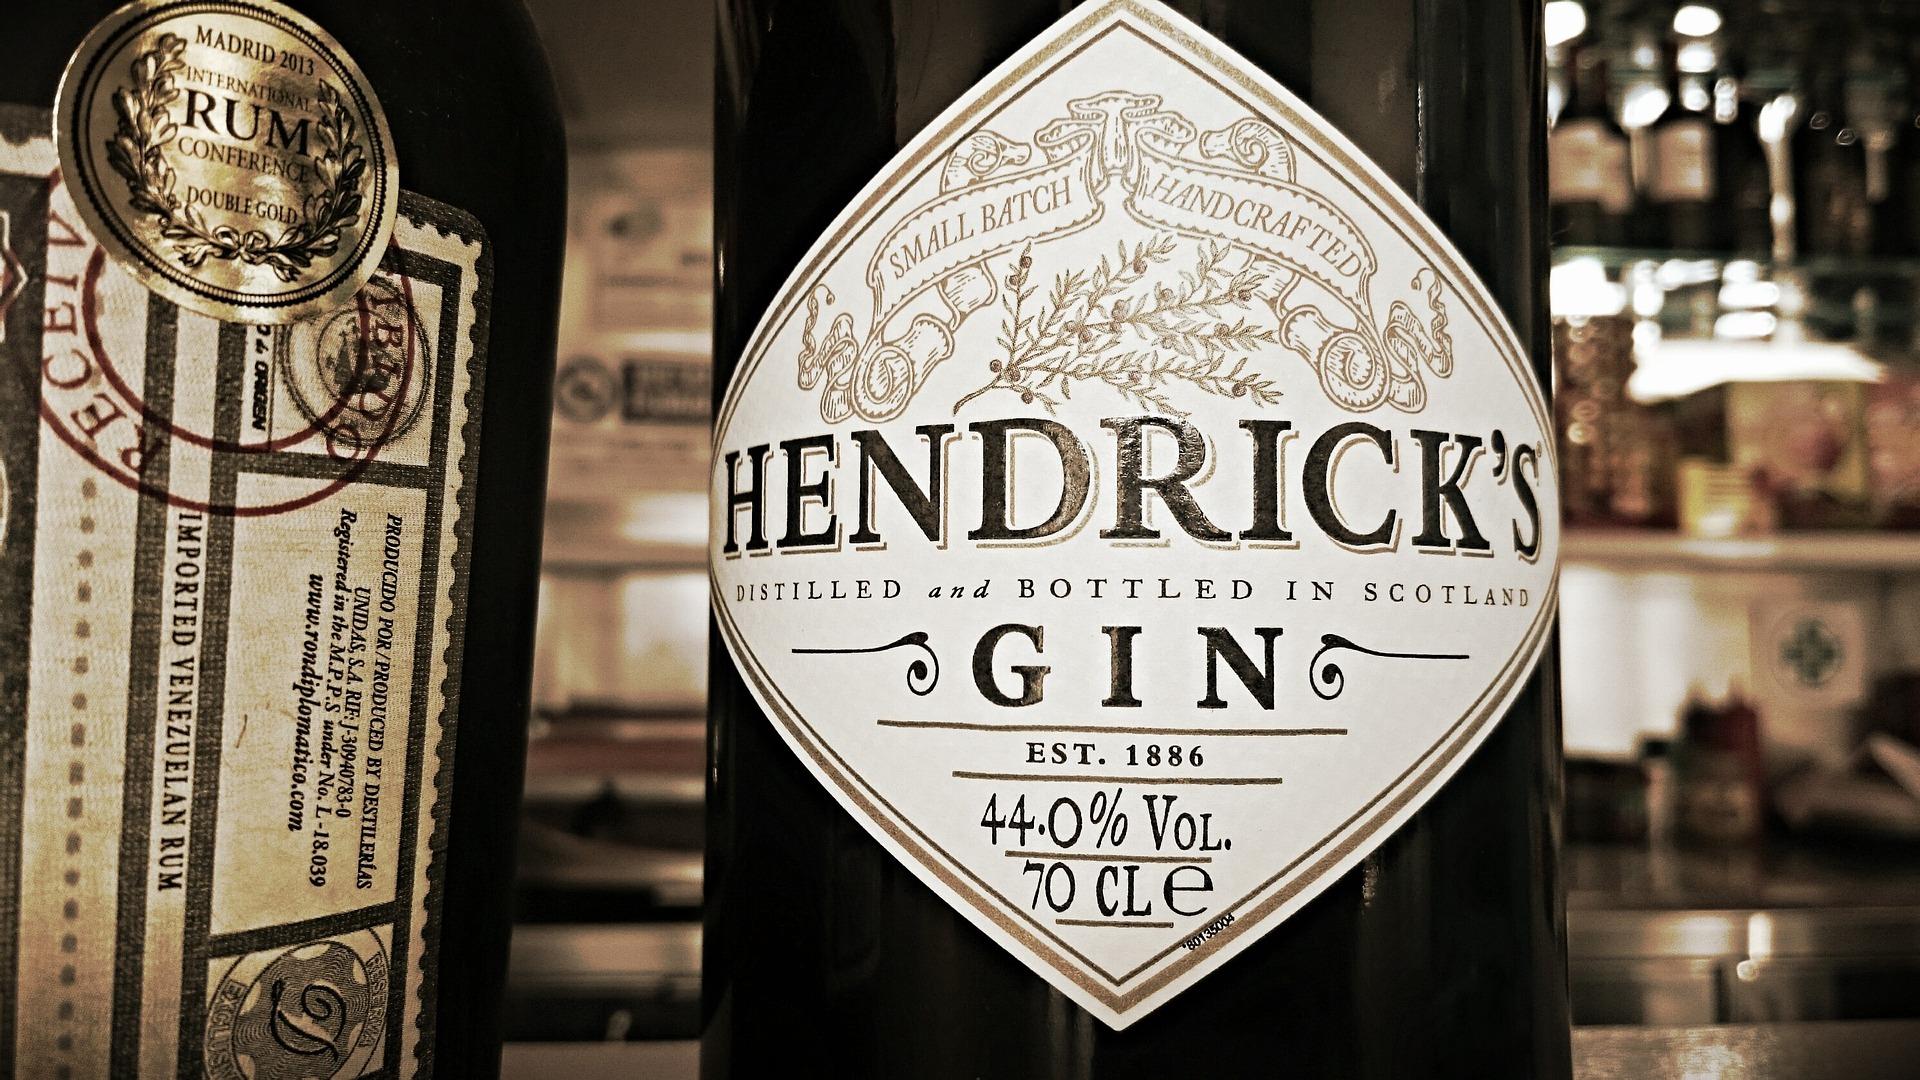 19세기 런던의 뒷골목을 위로하다. '빈자의 술'..